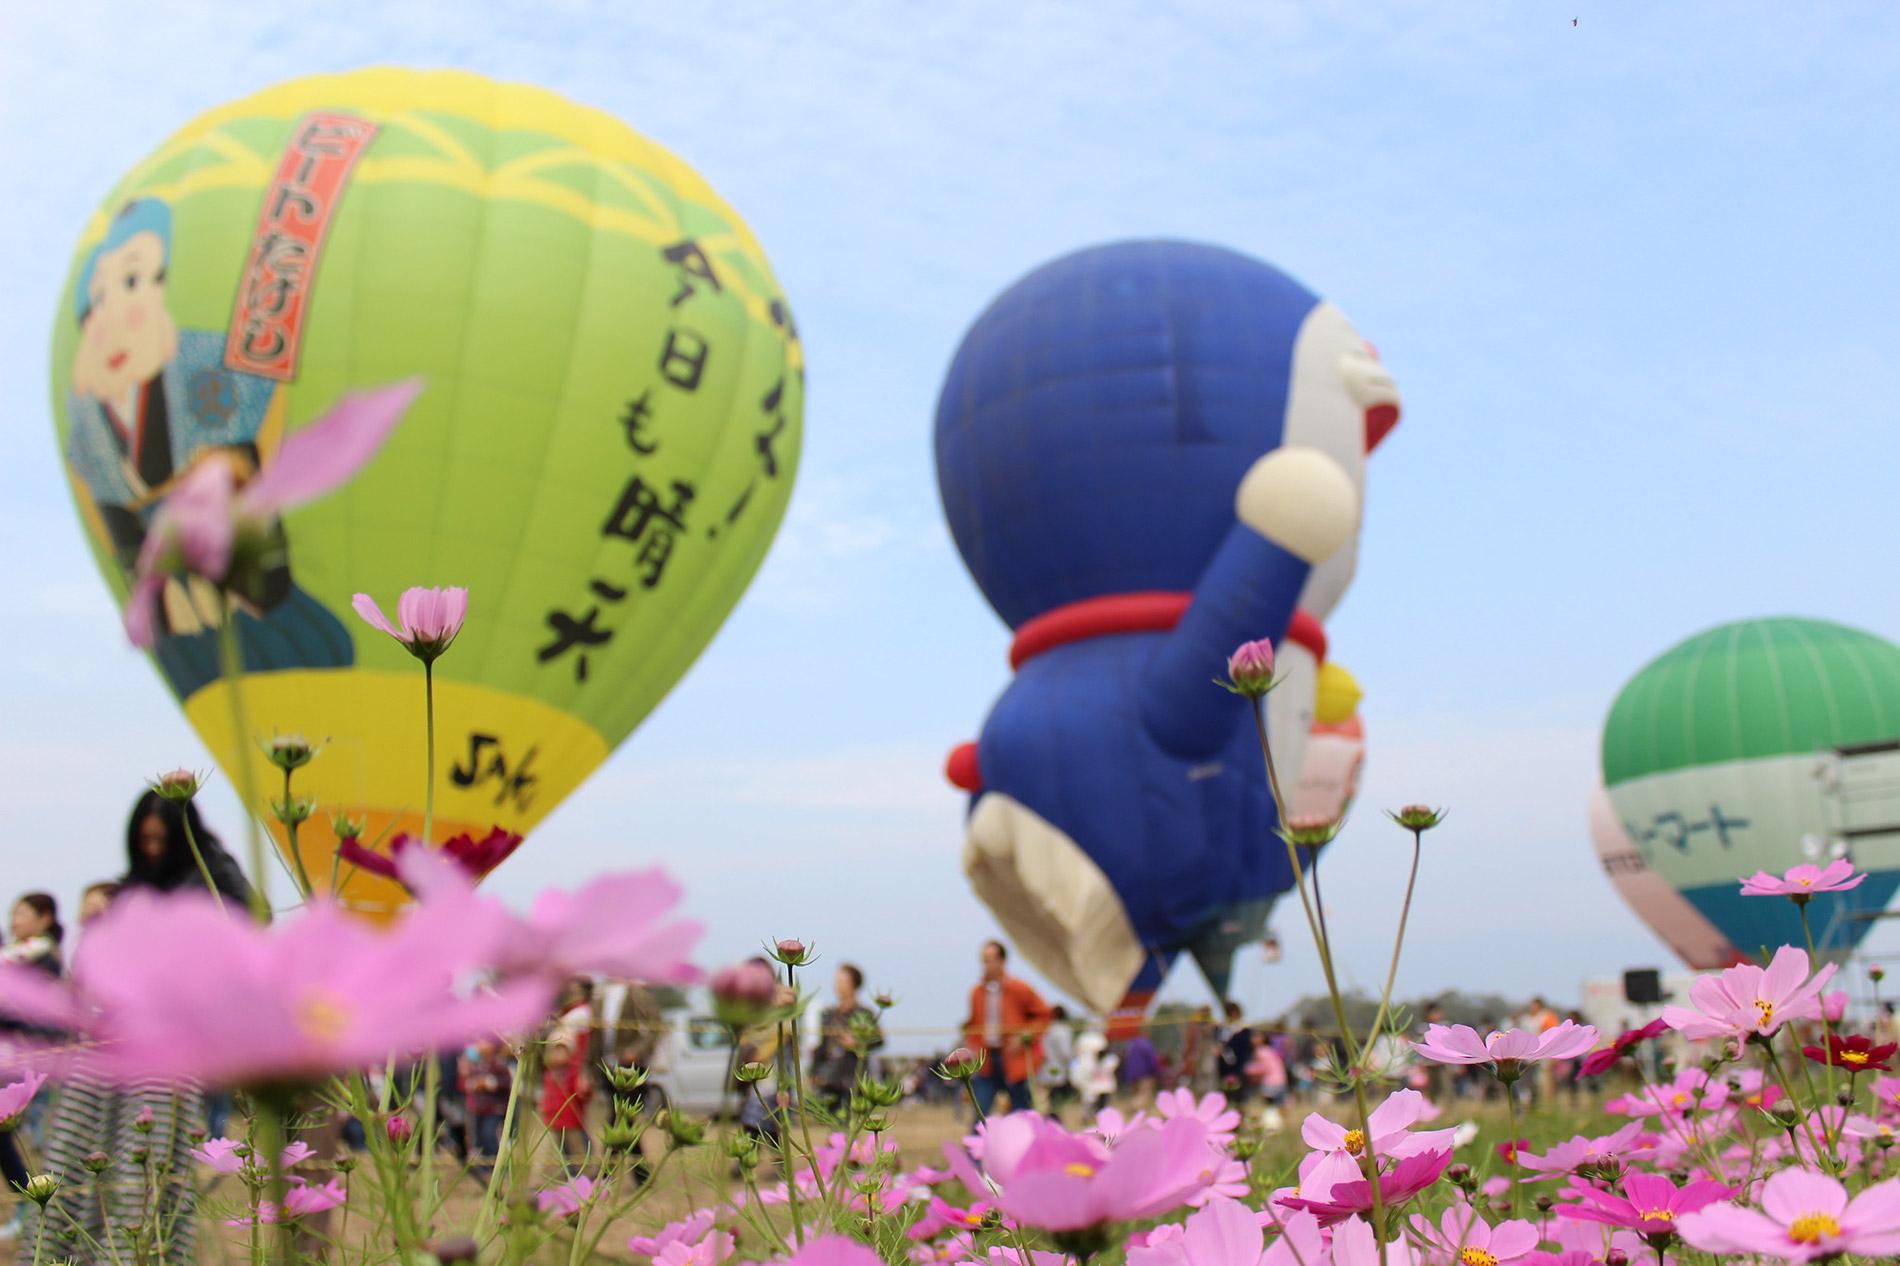 ein Traum für Instagrammer: das Saga Balloon Festival. (Foto: zaimoku_woodpile auf flickr https://flic.kr/p/hbF5QP CC BY 2.0)